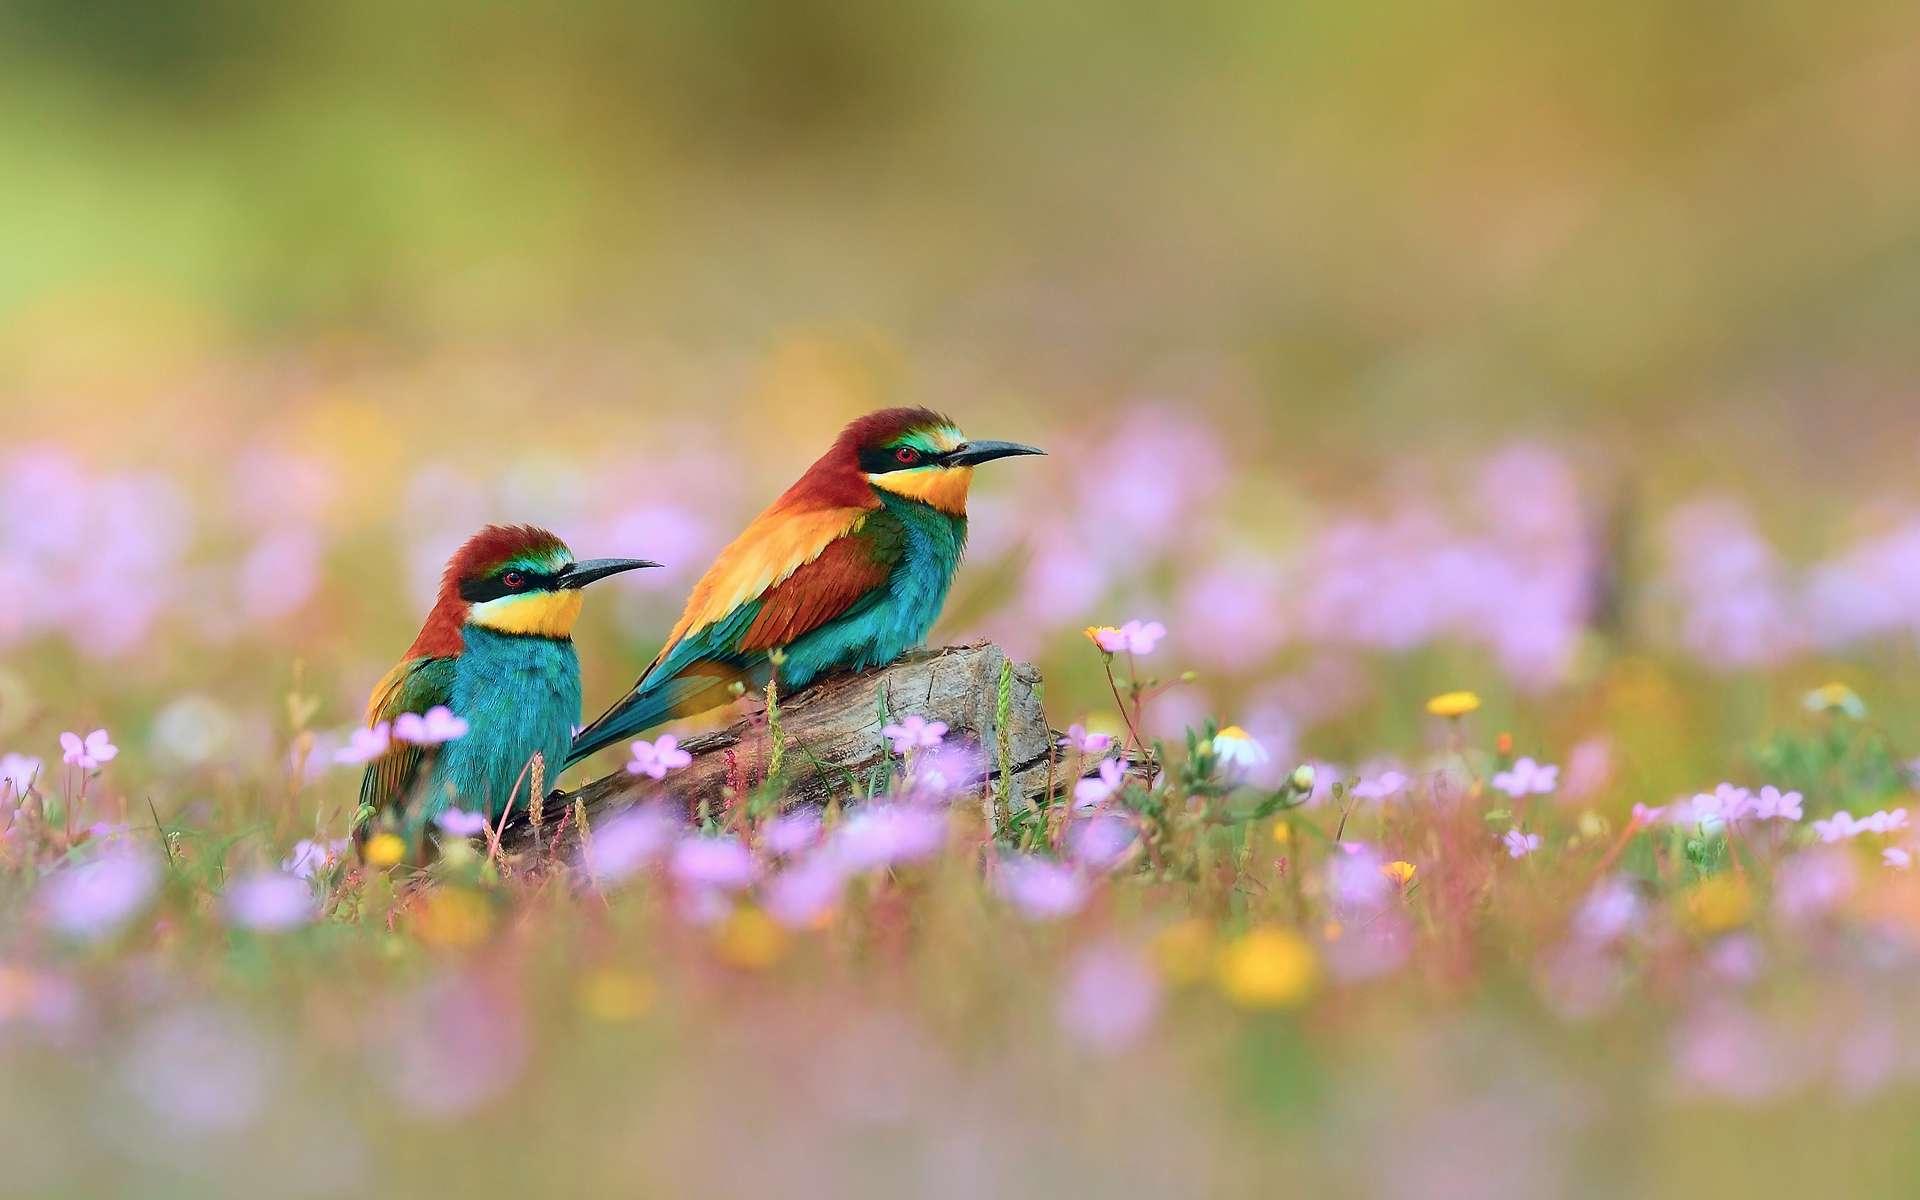 природа животные птица nature animals bird  № 2036854 загрузить